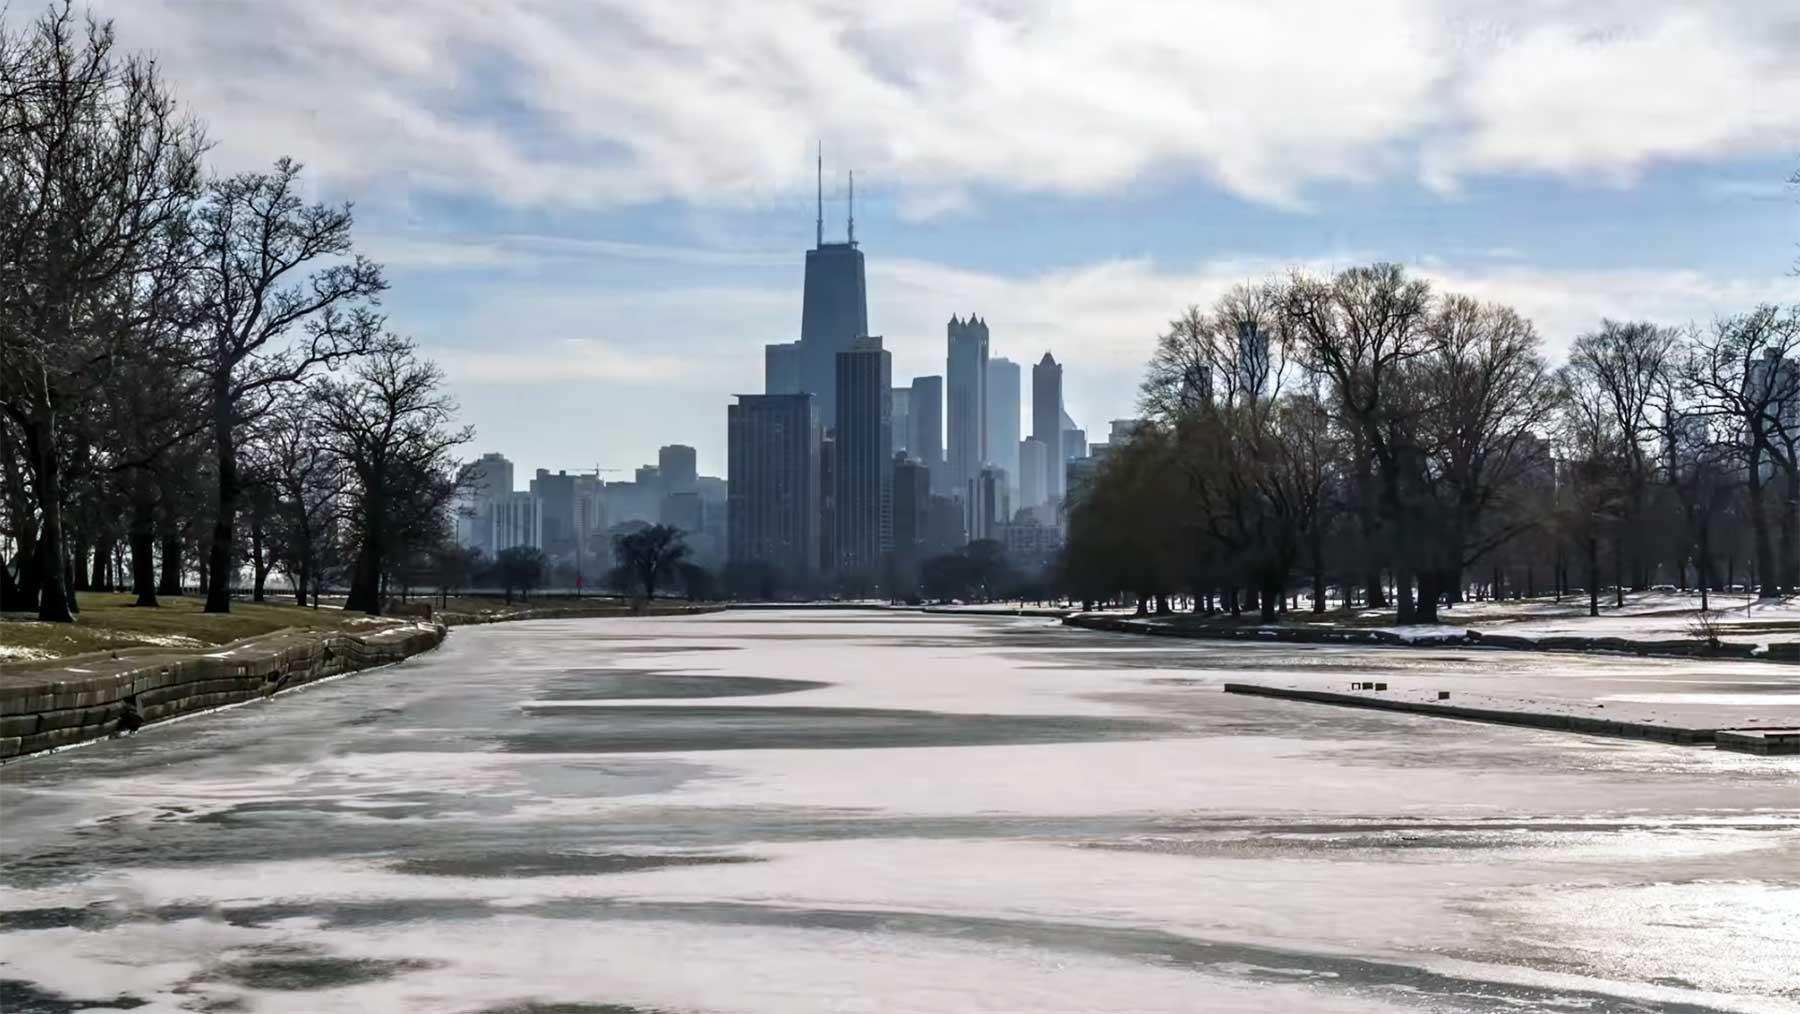 Hyperlapse: Chicagopolis